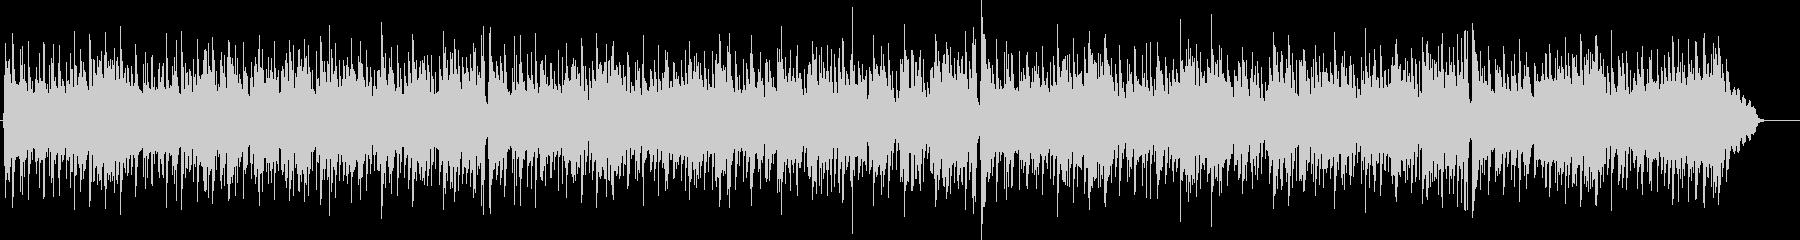 Xmas ジングルベル かわいいレゲエの未再生の波形